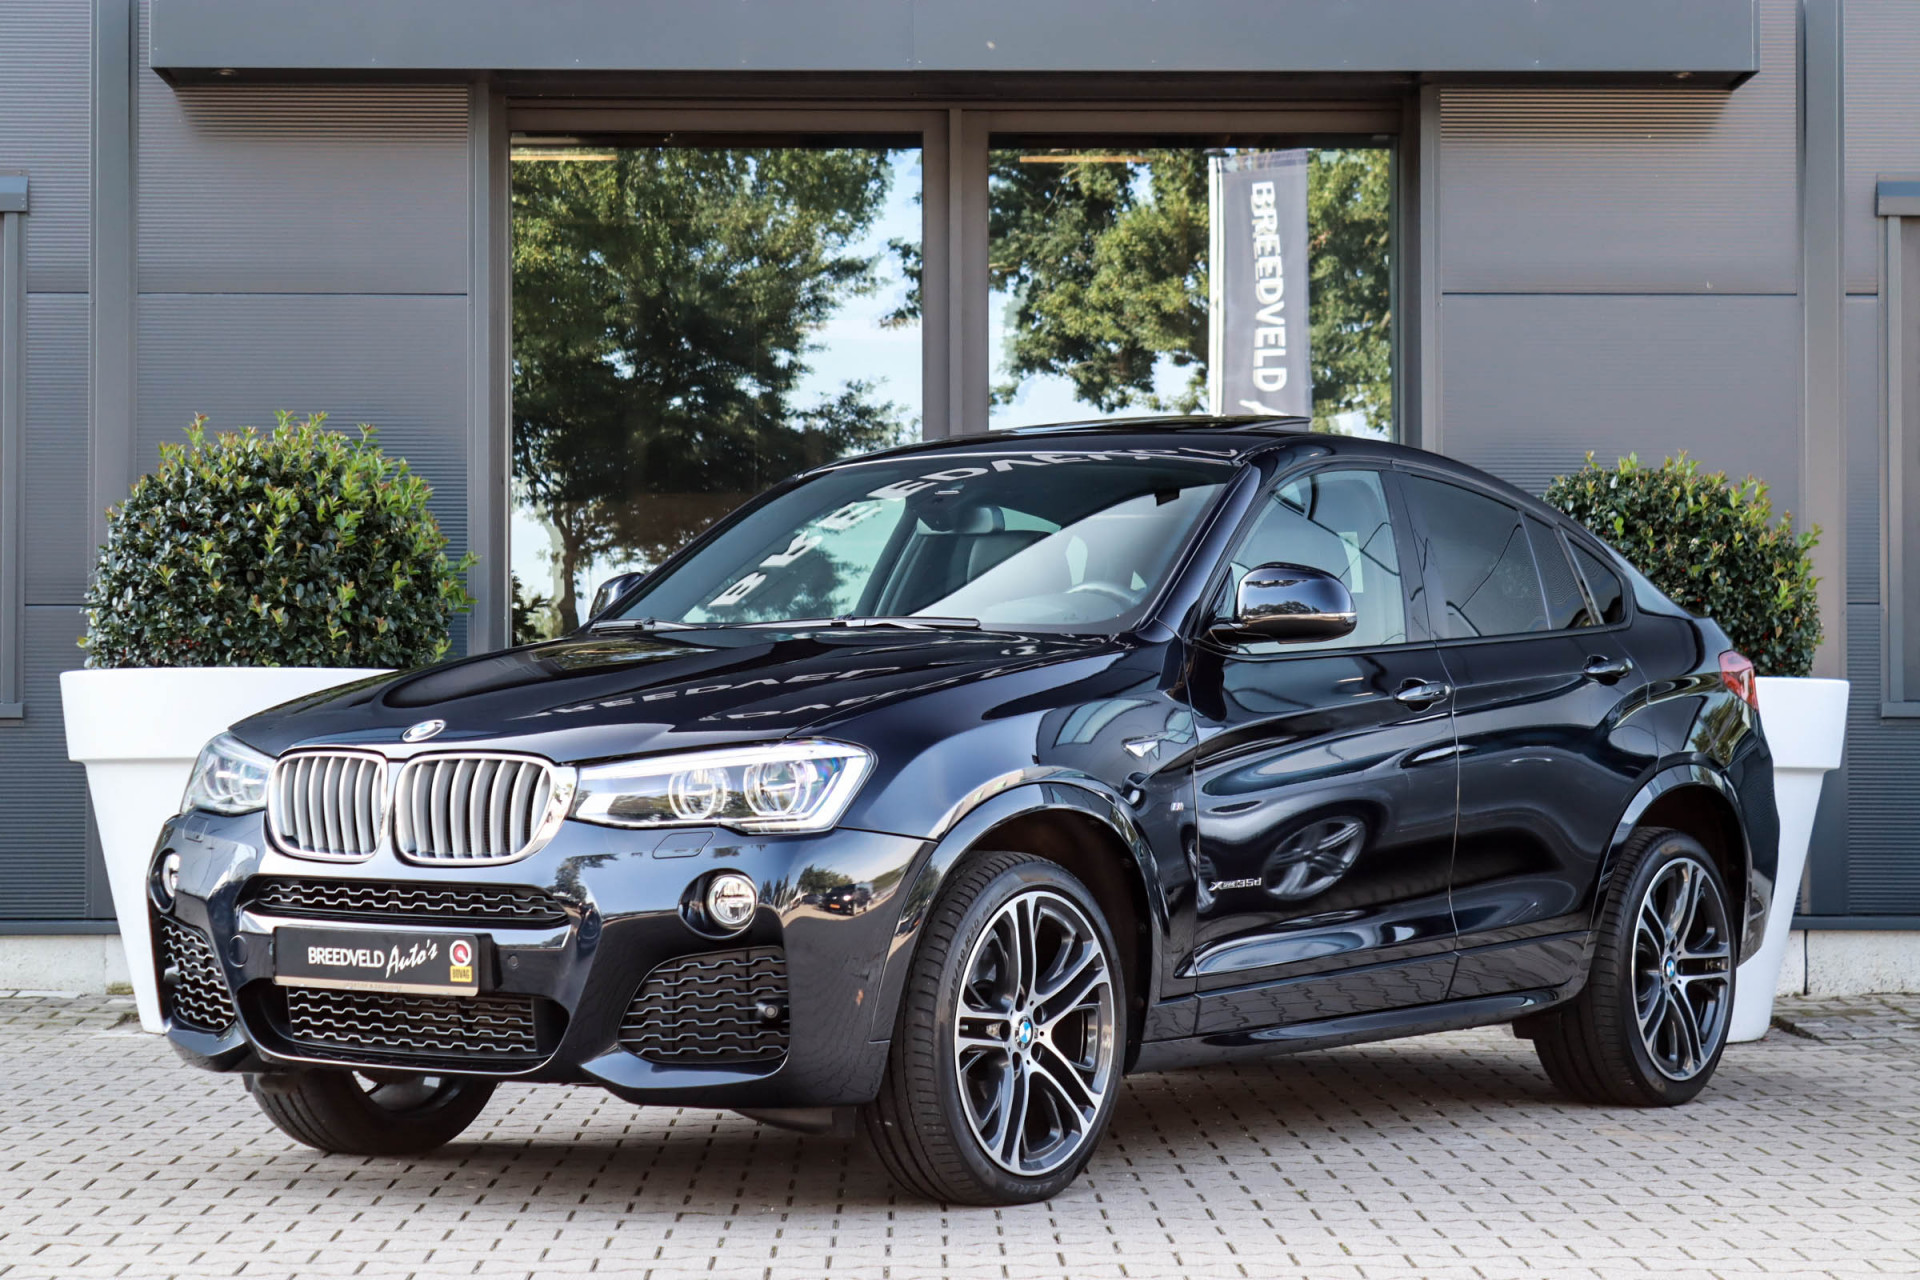 Tweedehands BMW X4 occasion